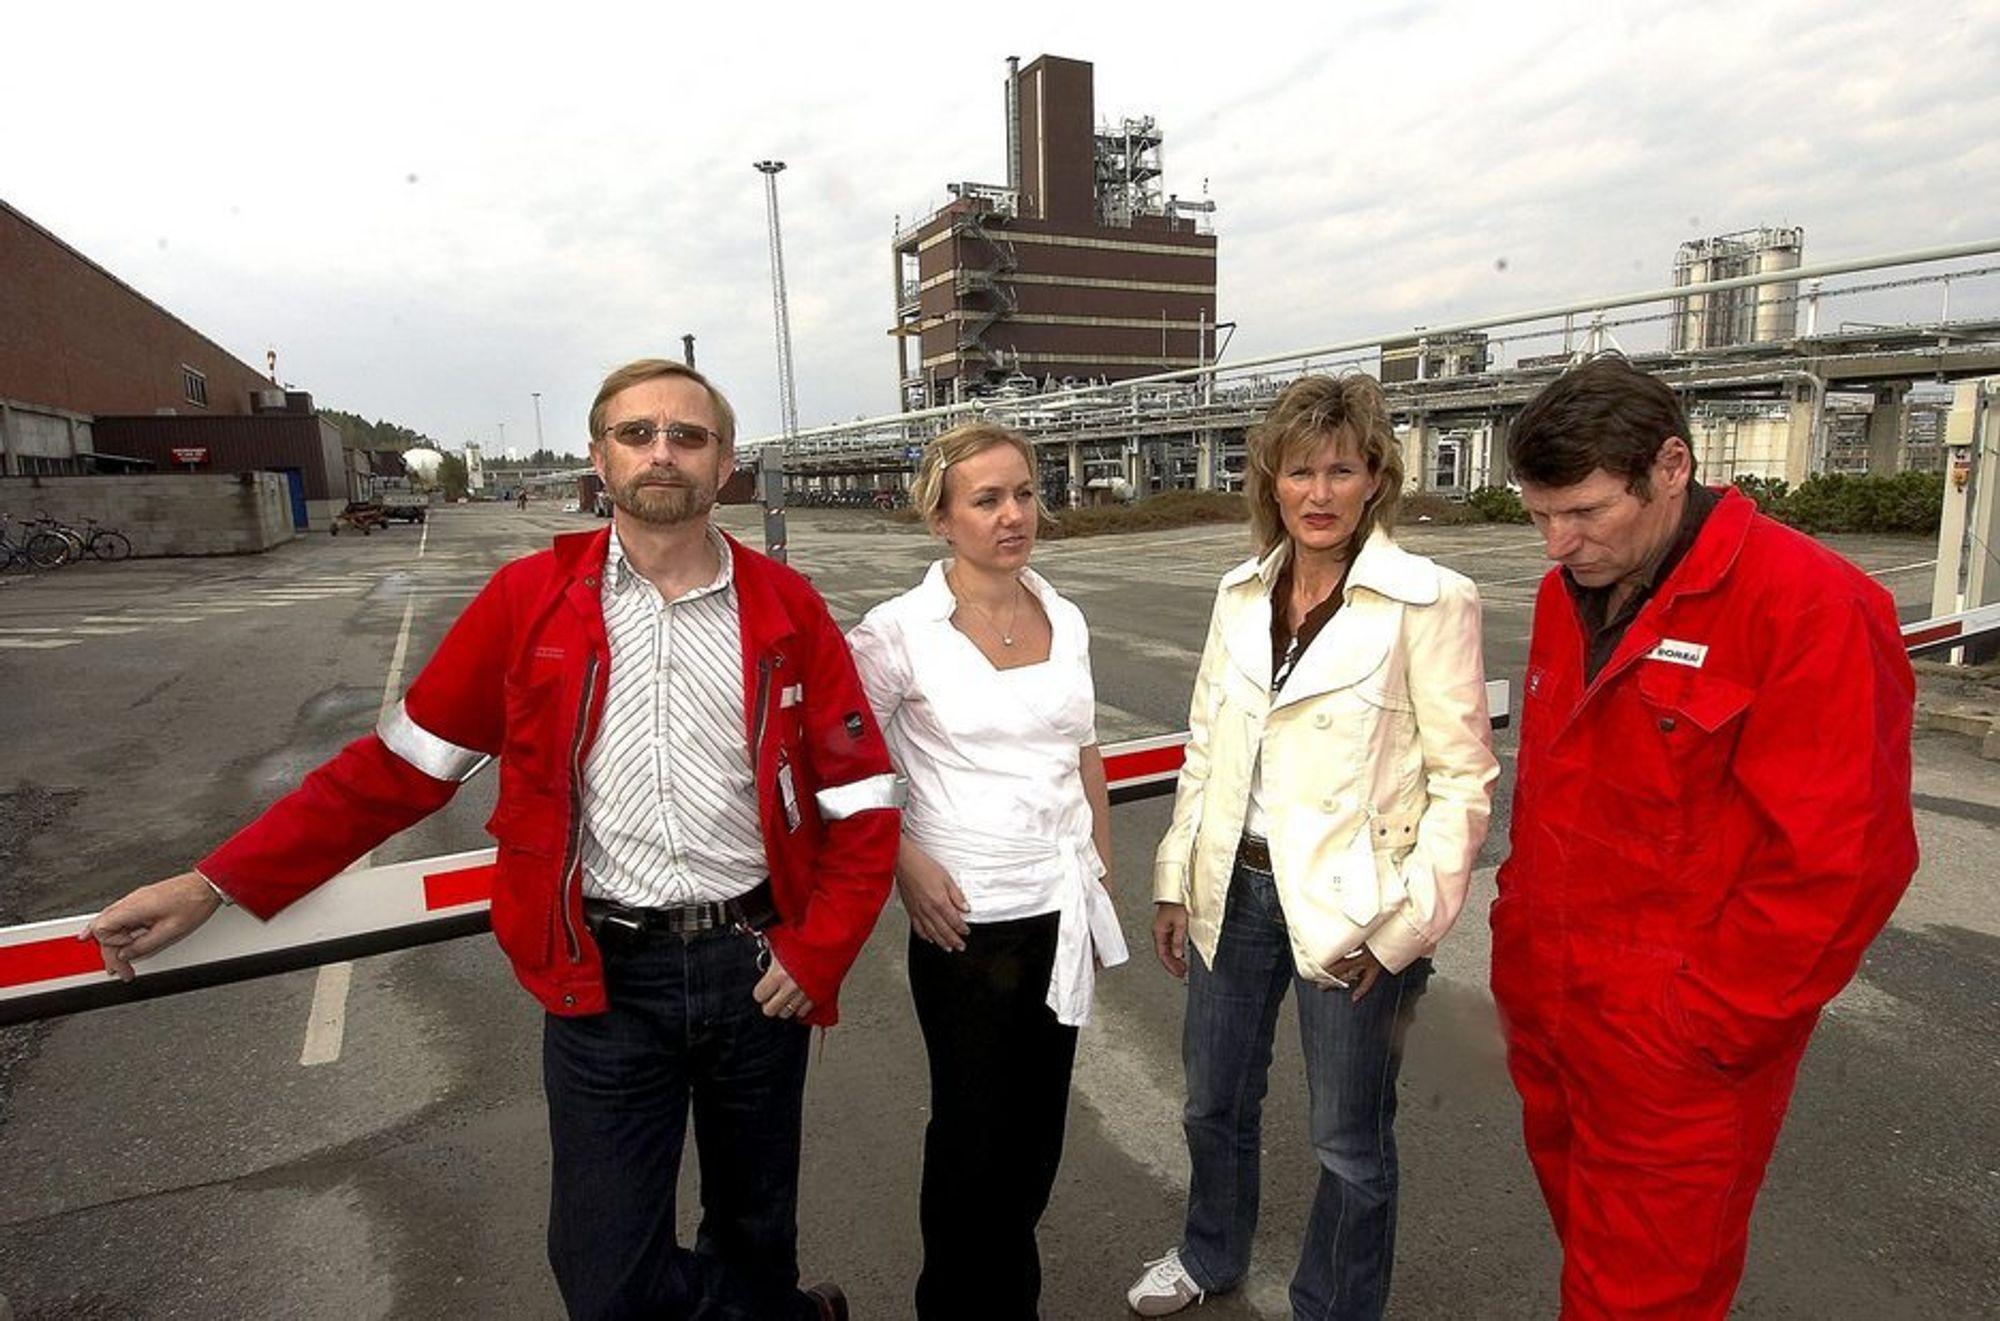 Fagforeningene på Ineos, fra venstre Hans Ødegård, Marte Nyheim, Hege Vale Baann og Jan Erik Tellefsen var sjokkert og skuffet etter meldingen om nedlegging av fabrikken i bakgrunnen.